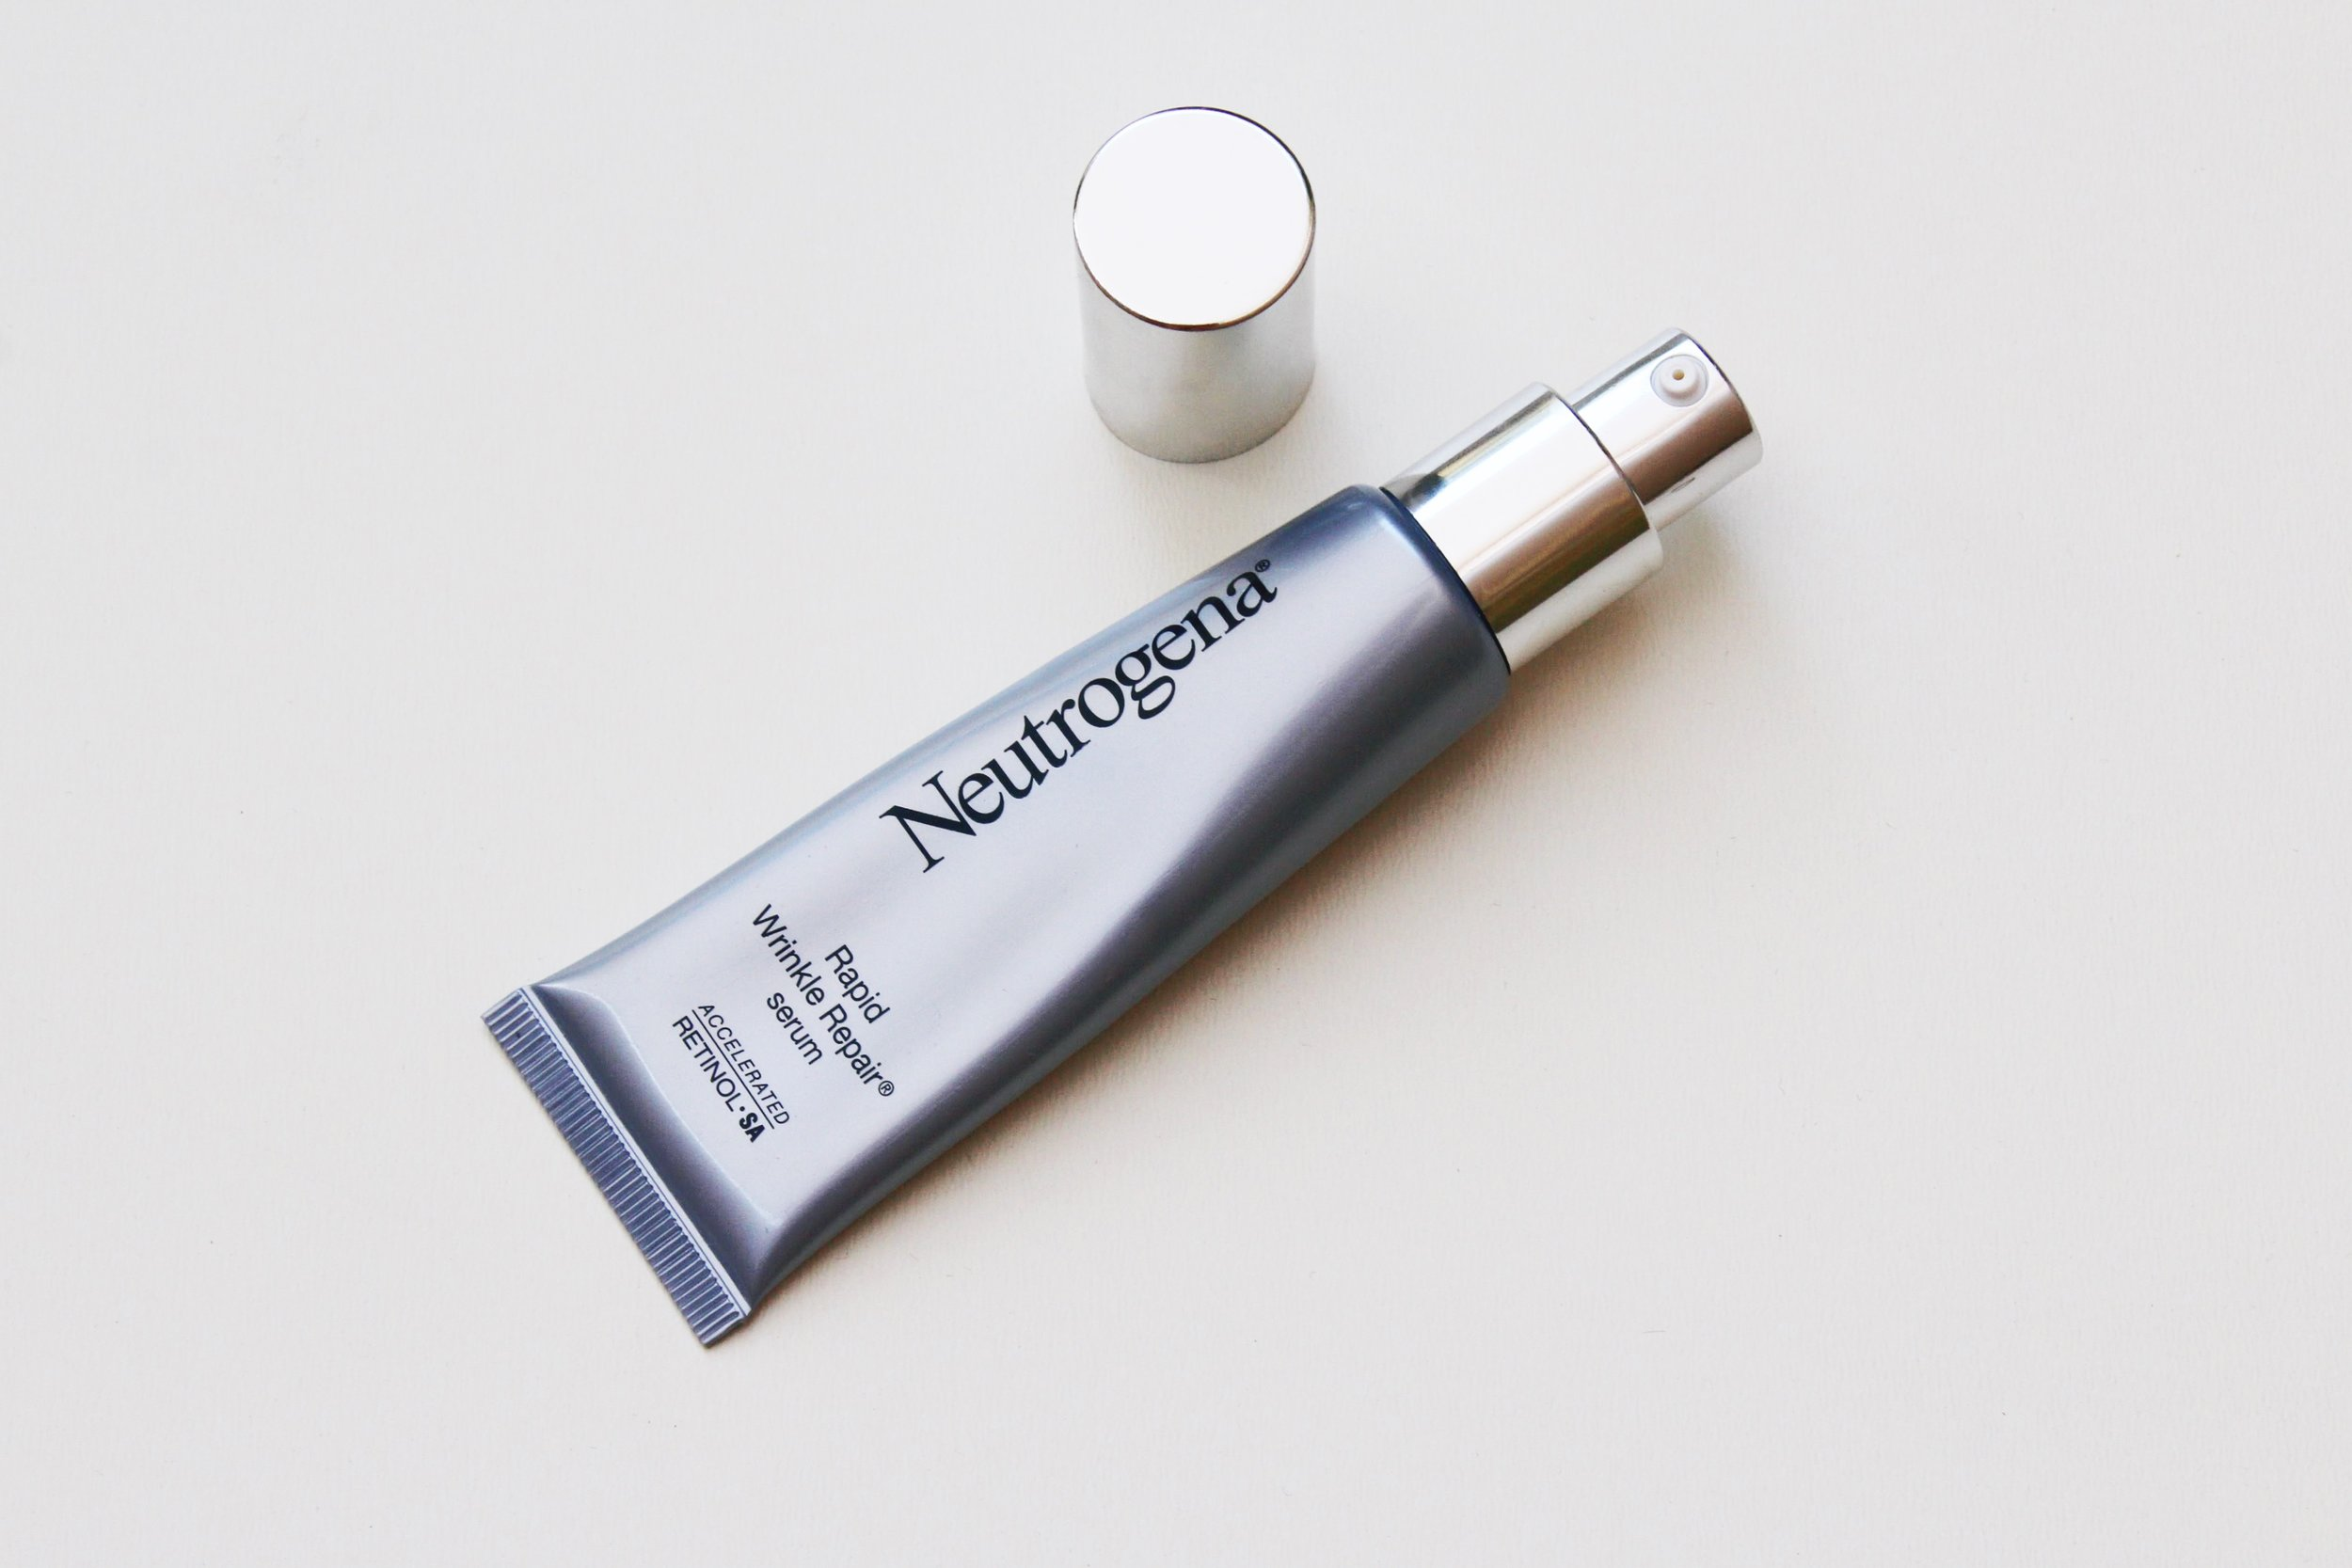 Neutrogena Rapid Wrinkle Repair Serum with pump applicator